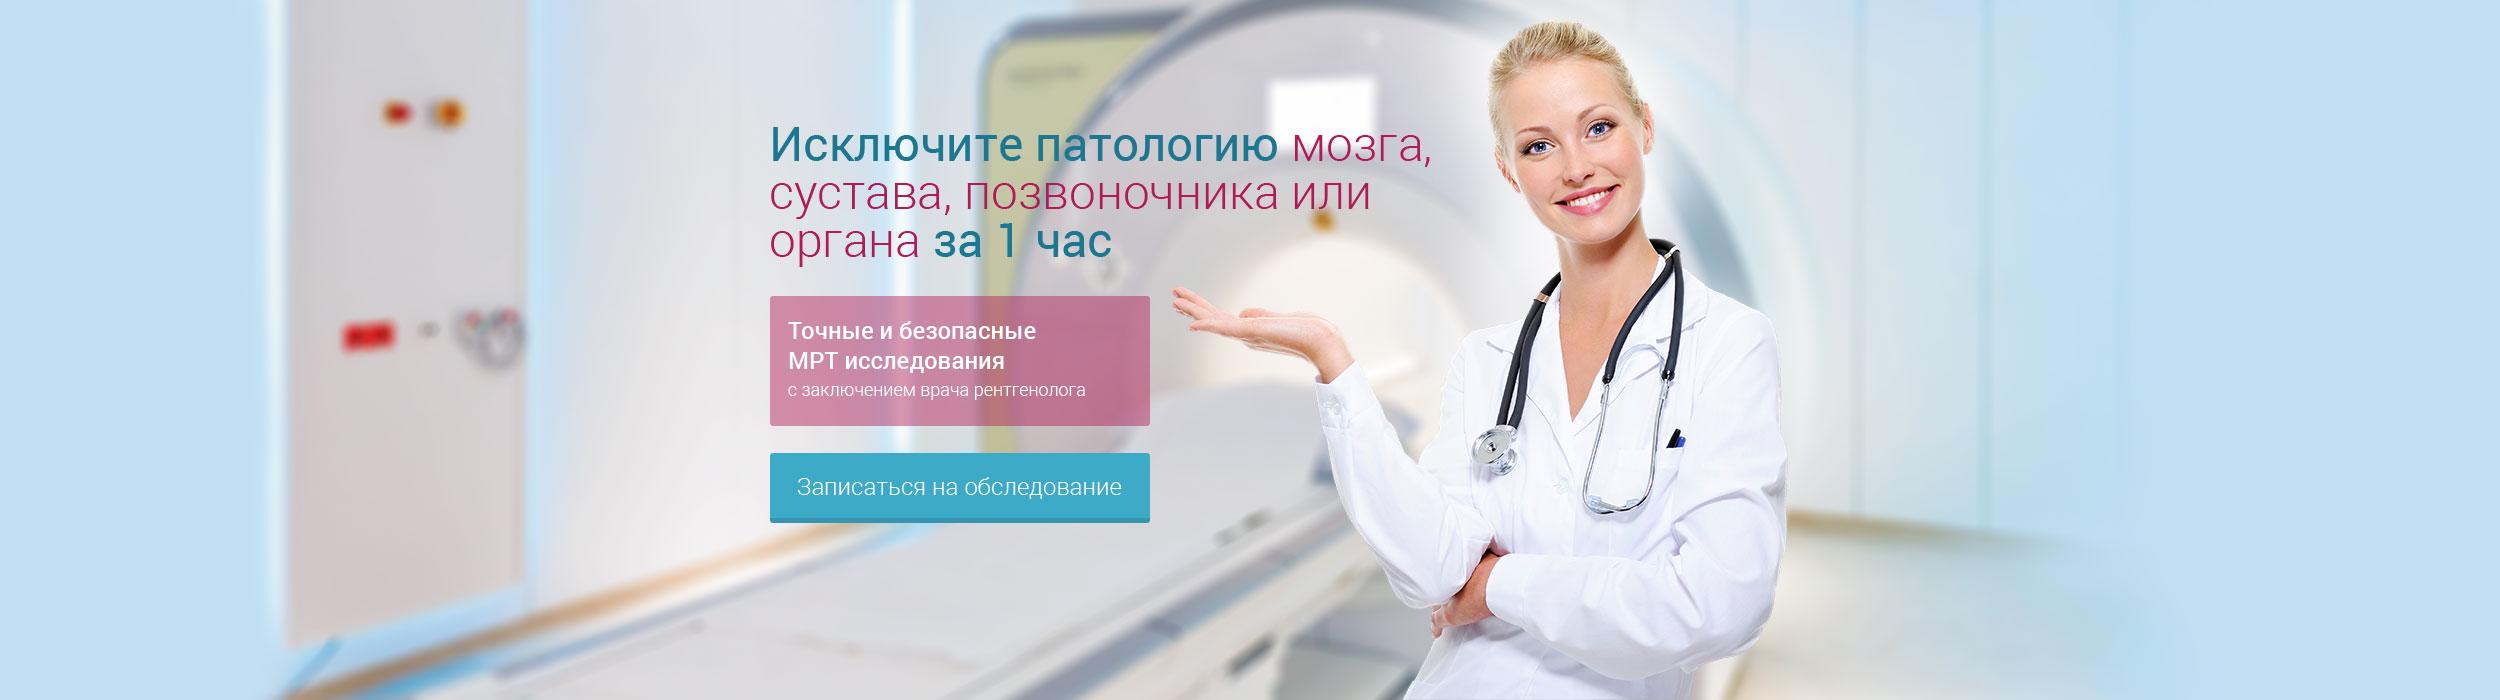 Каменномостский районная больница